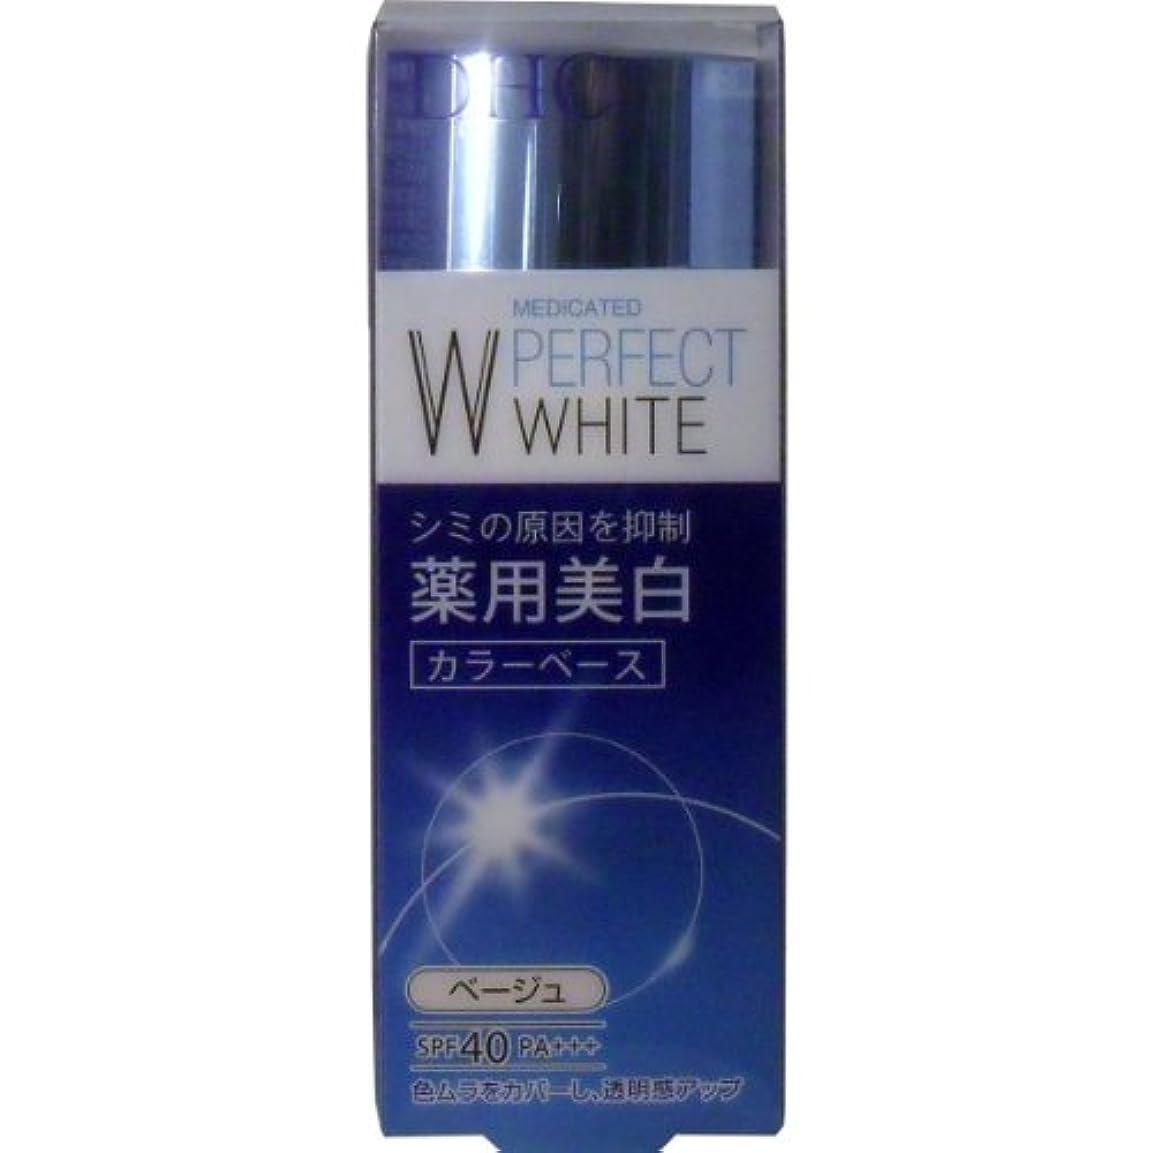 インスタンス送った農学DHC 薬用美白パーフェクトホワイト カラーベース ベージュ 30g (商品内訳:単品1個)